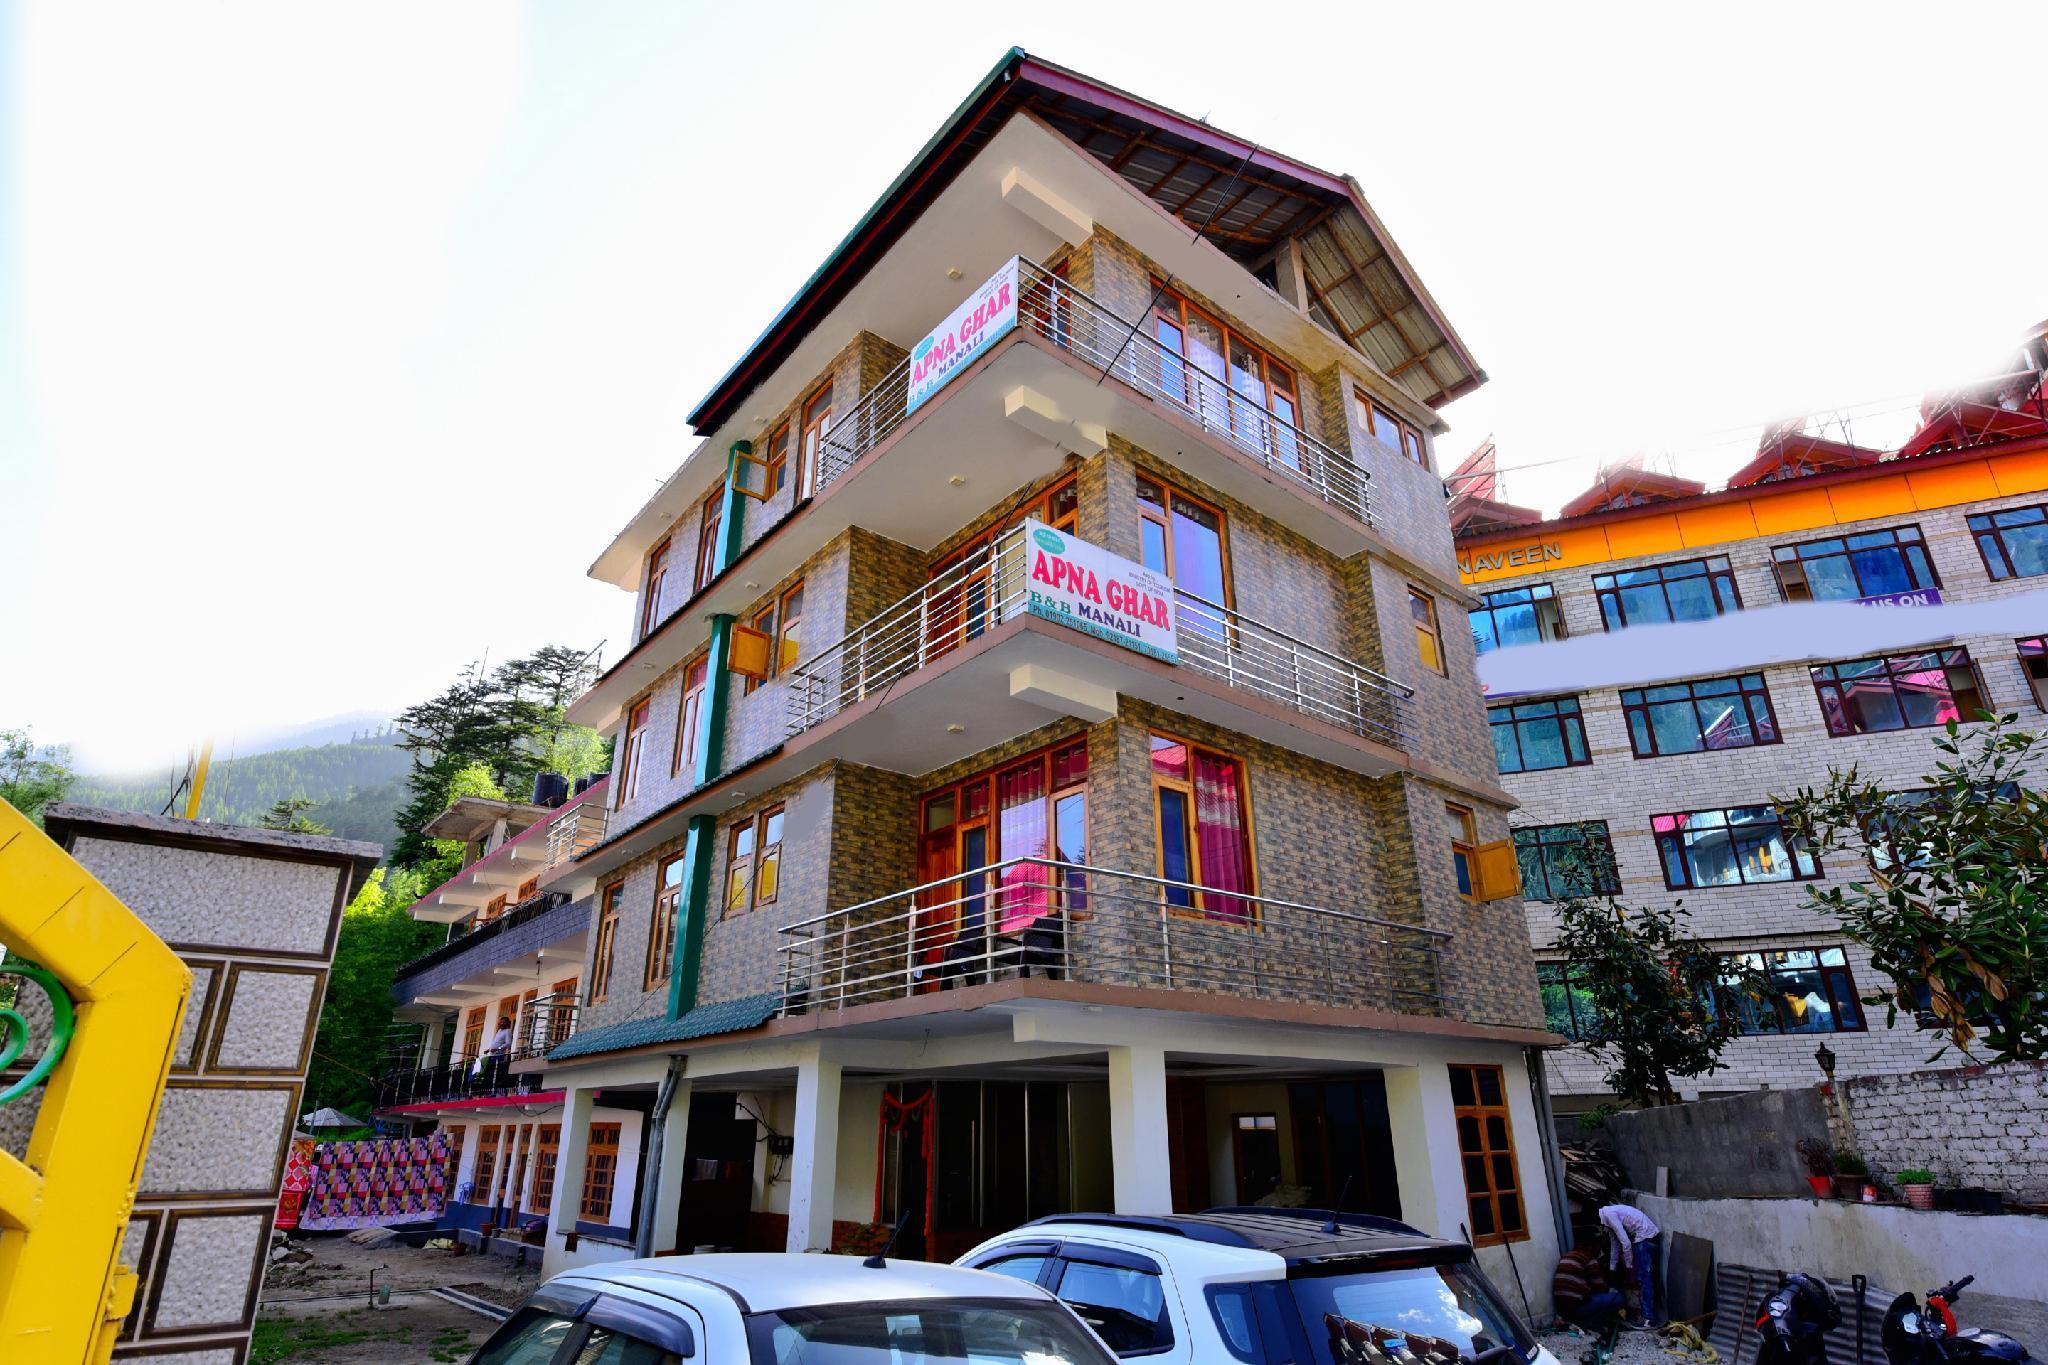 OYO 38661 Hotel Apna Ghar